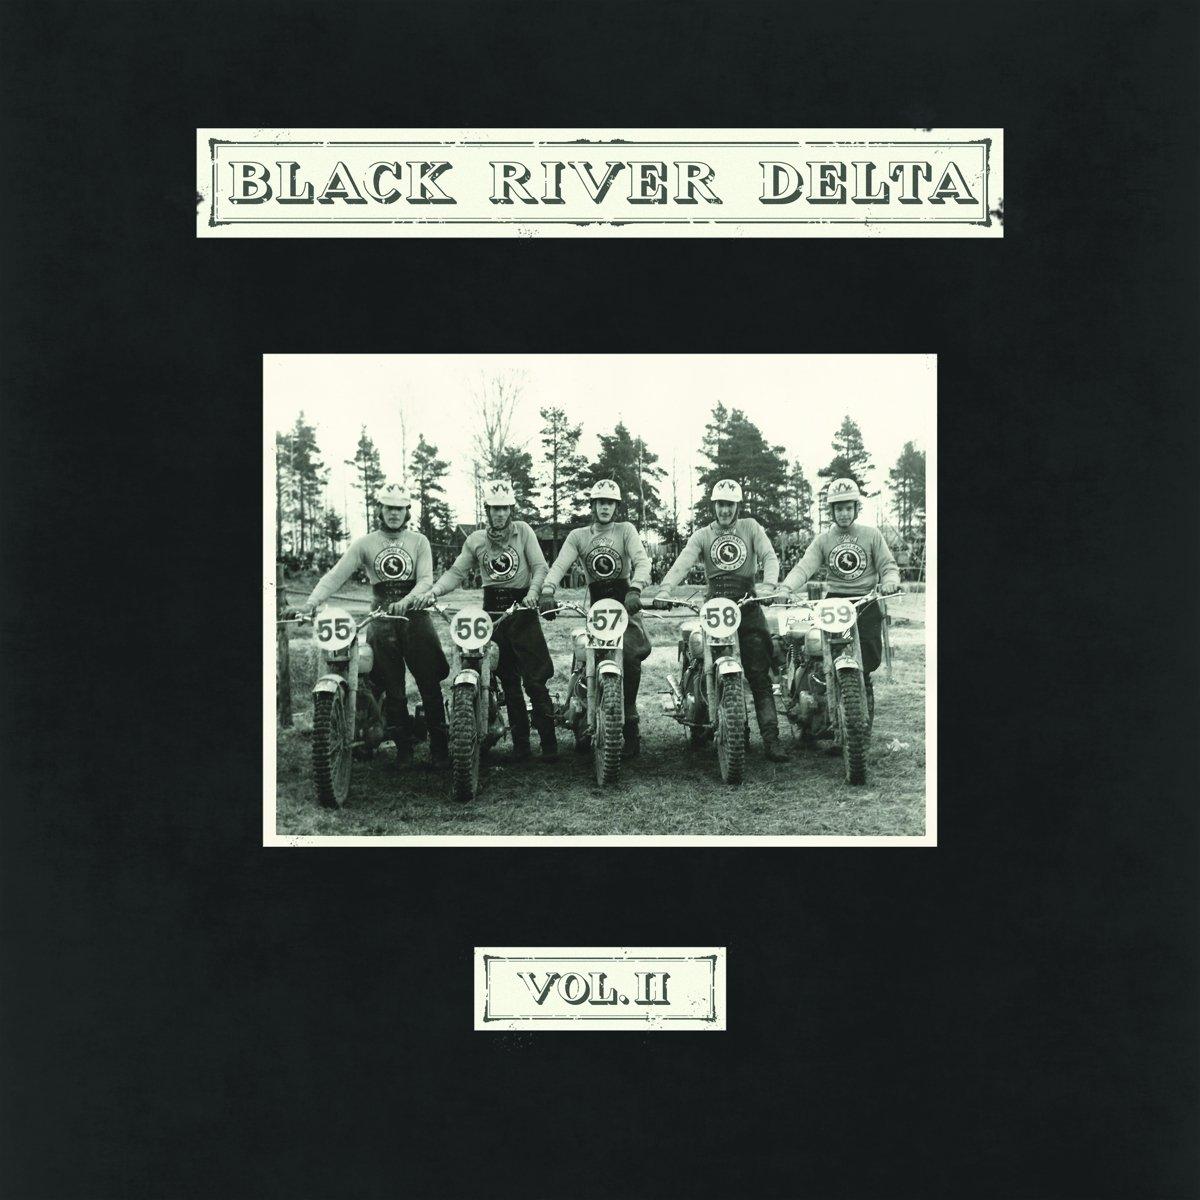 CD/DVD/LP achats - Page 18 71fVCfqzQIL._SL1200_